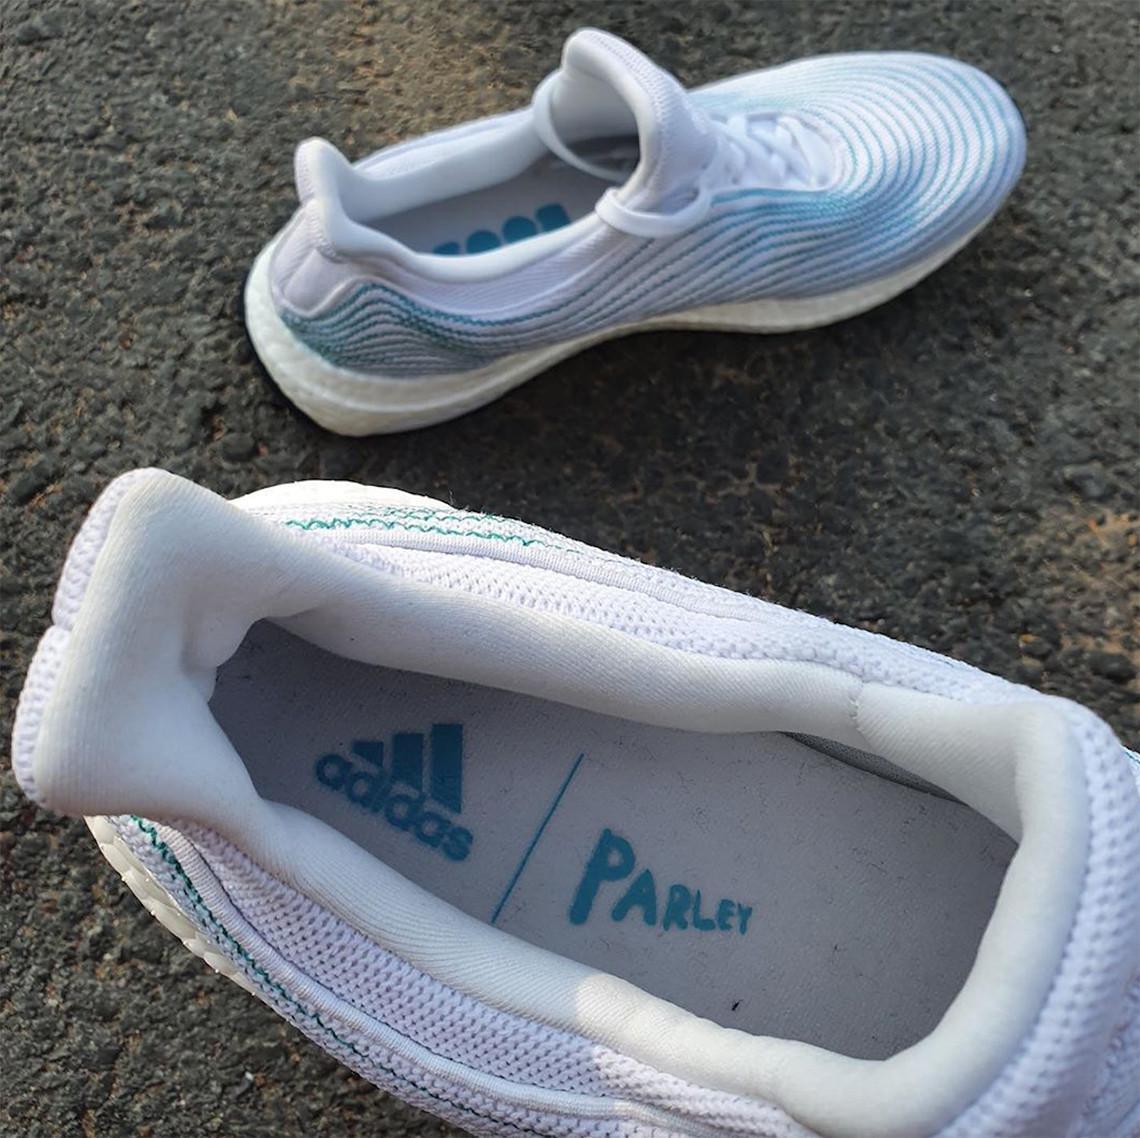 Les fibres Parley couvrent cette prochaine adidas Ultra Boost sans cage